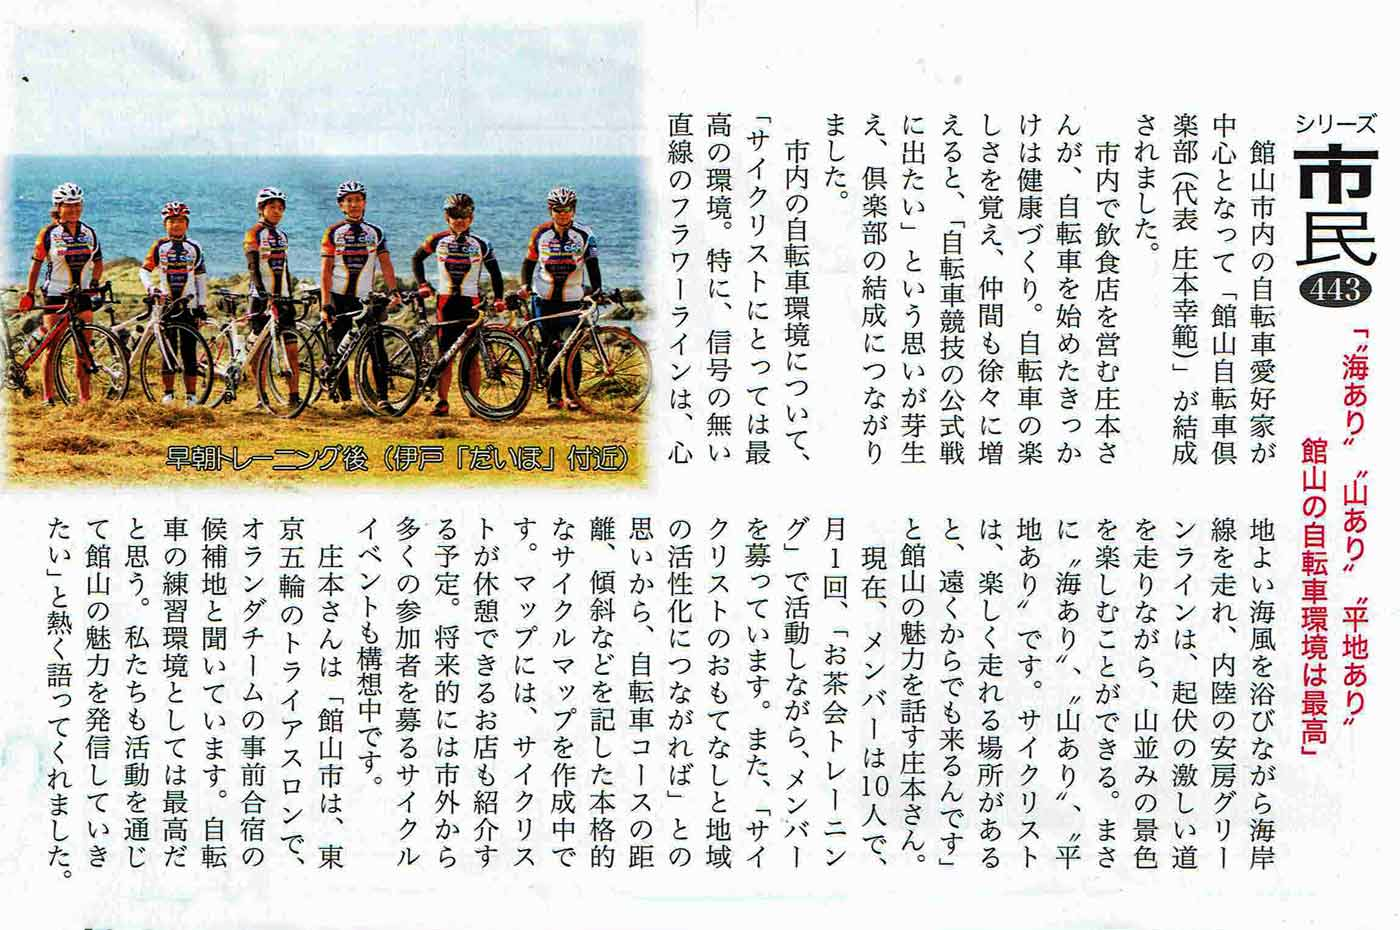 館山自転車倶楽部